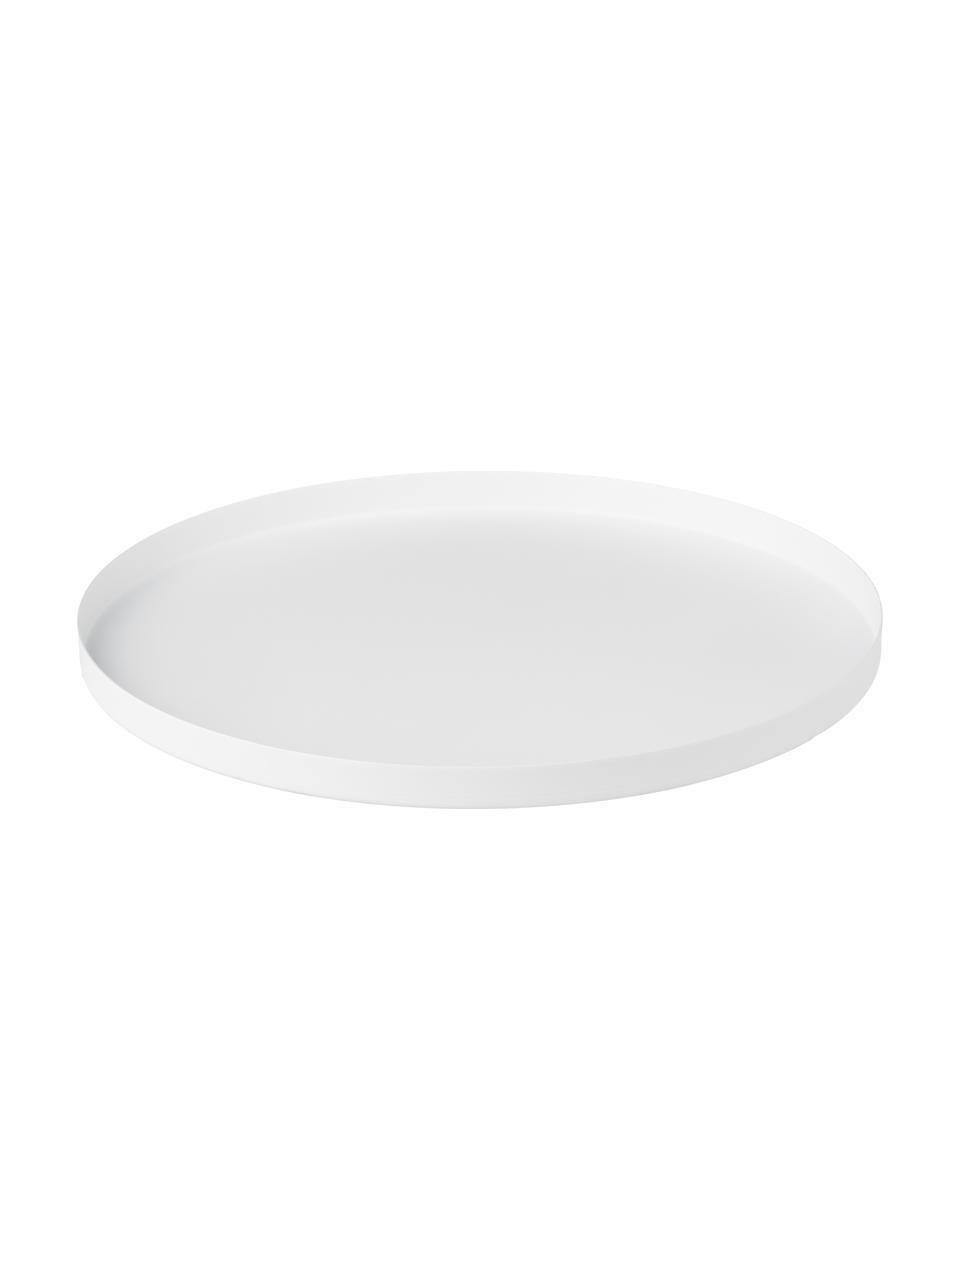 Plateau décoratif rond en blanc Circle, Blanc, mat